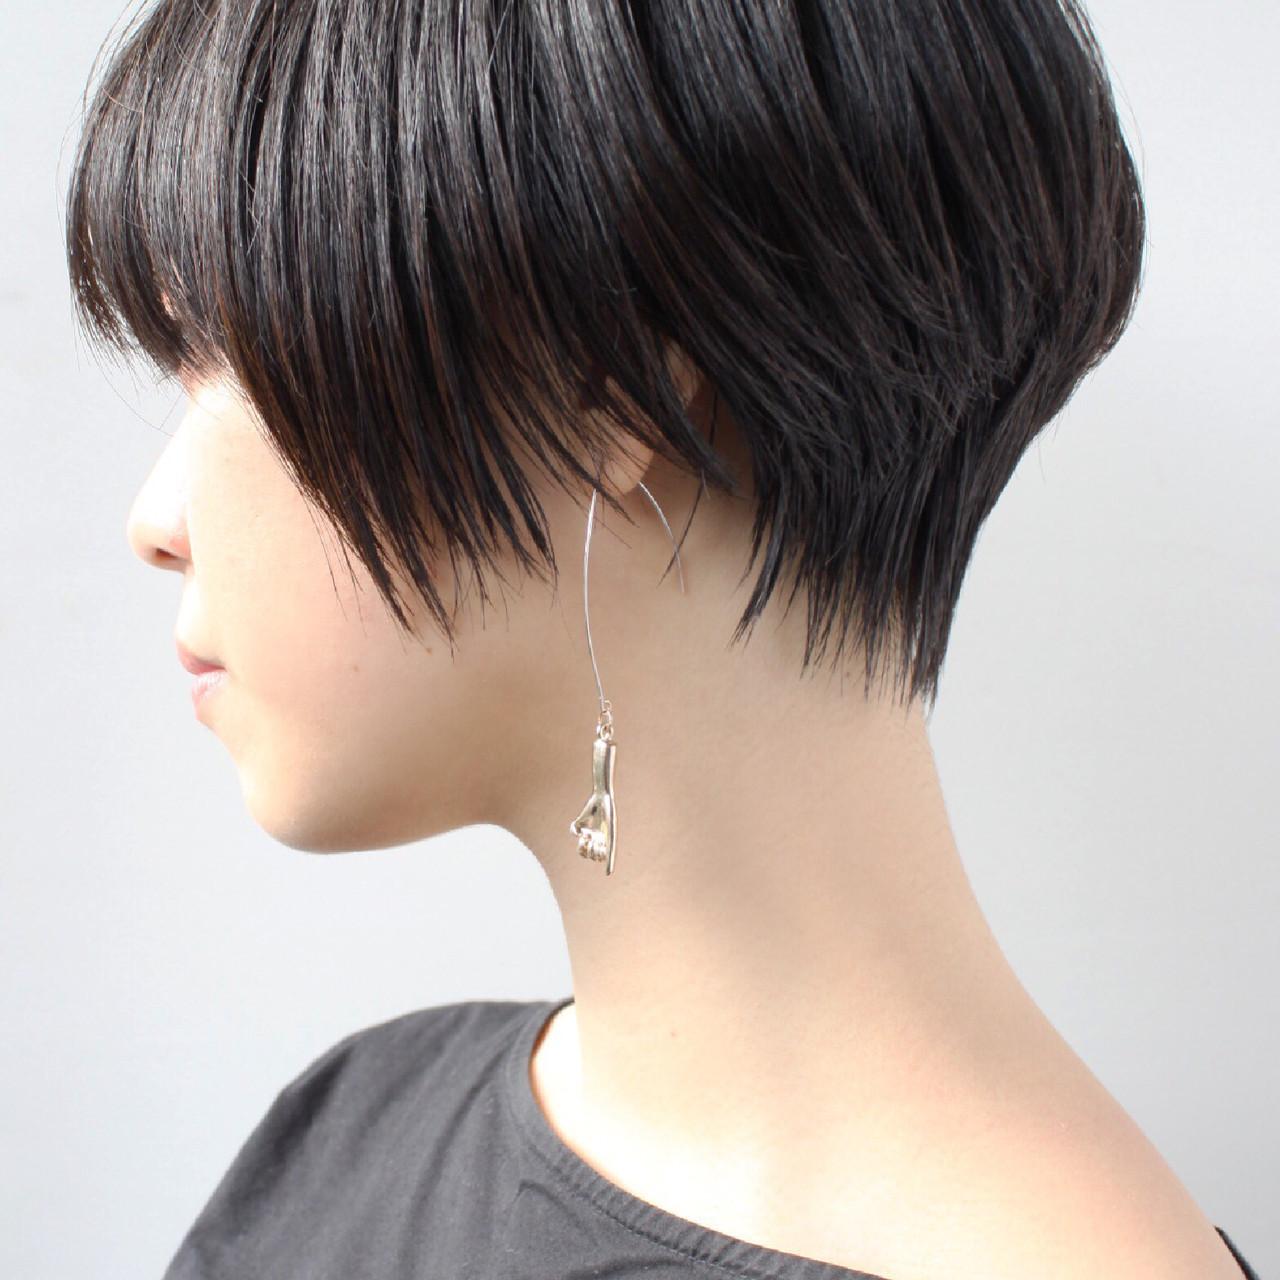 黒髪 大人グラボブ ストレート 上品 ヘアスタイルや髪型の写真・画像